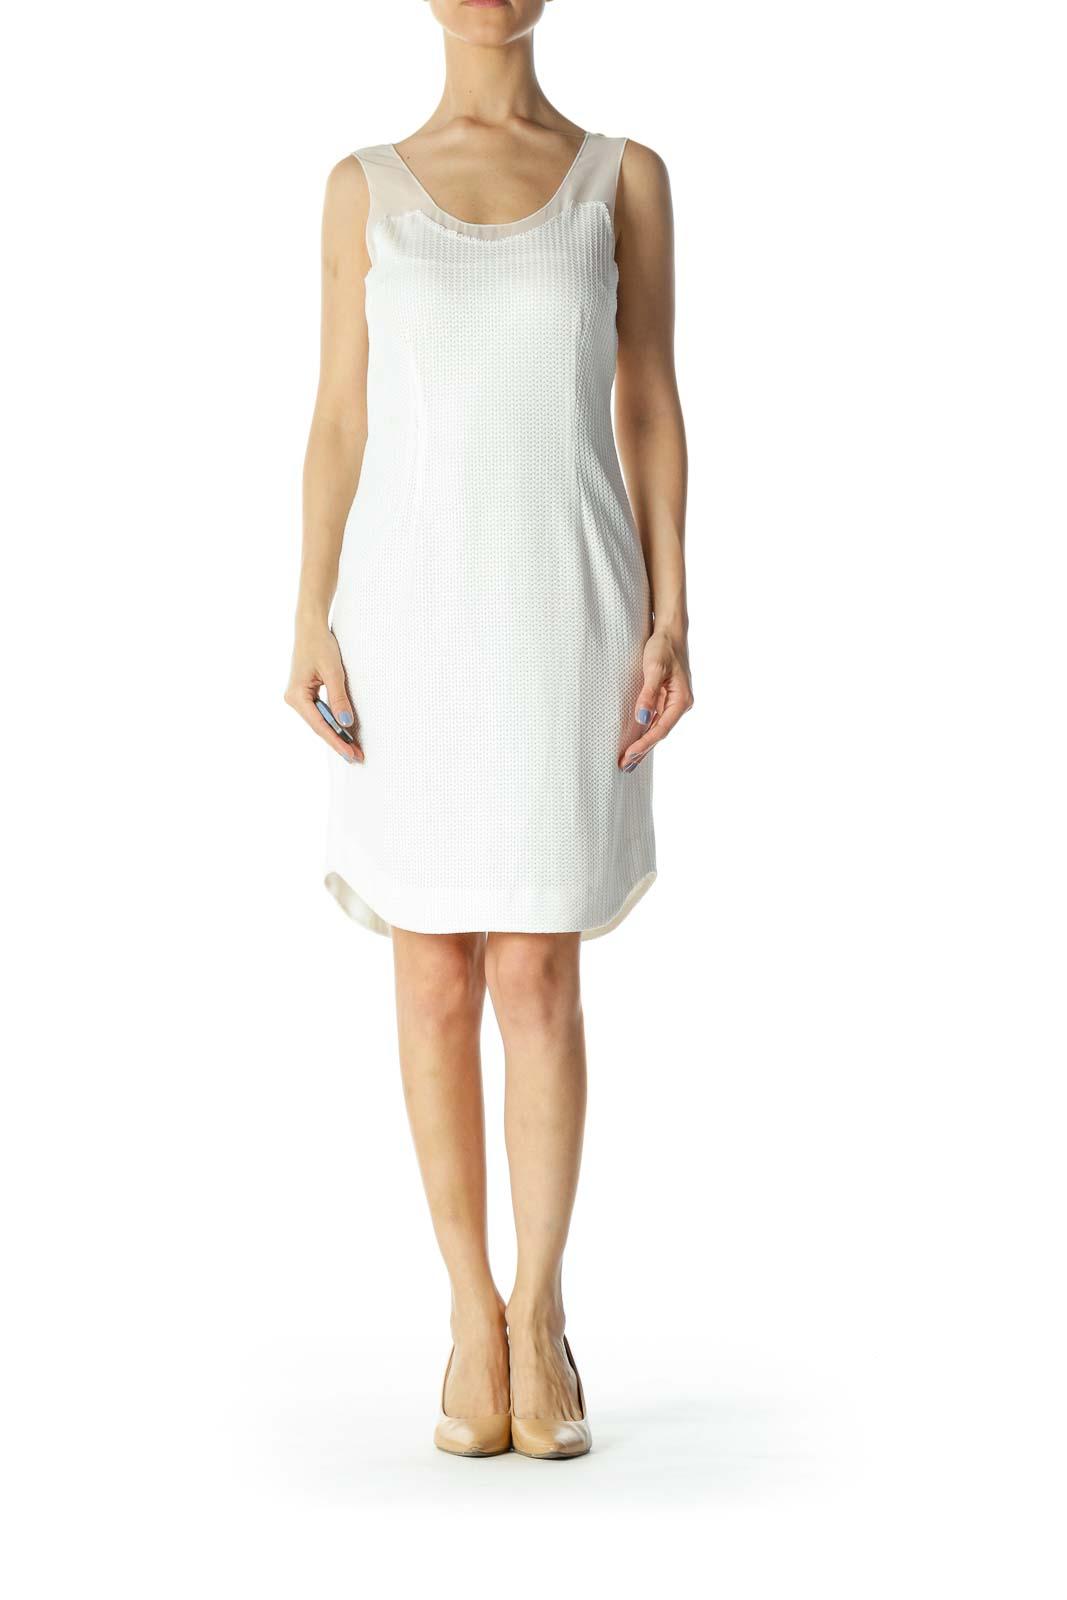 Cream Crochet Lined Mixed-Media Sleeveless Day-Dress